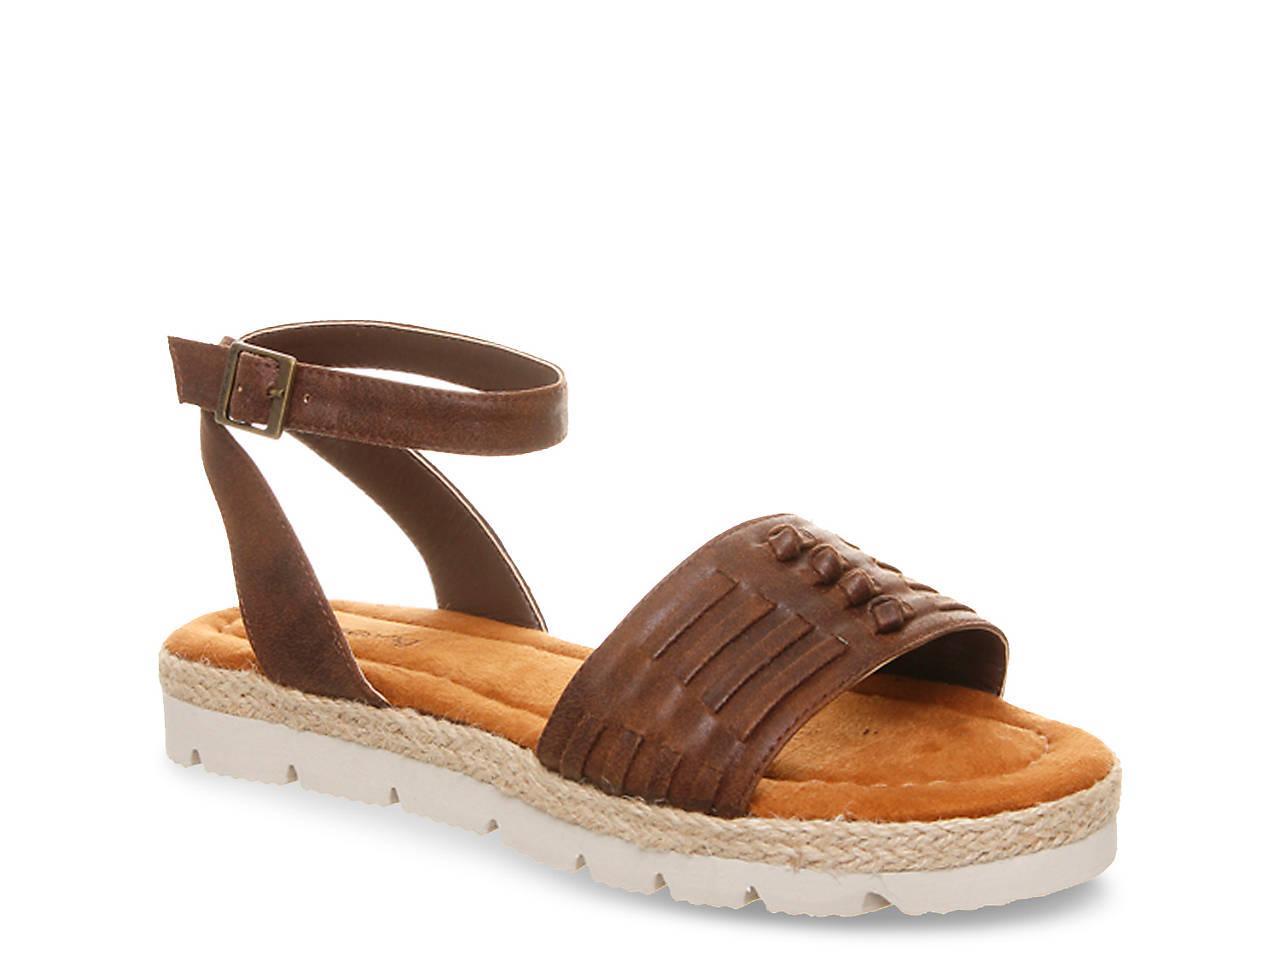 cdd35f3d34 Bearpaw Aubree Sandal Women's Shoes | DSW